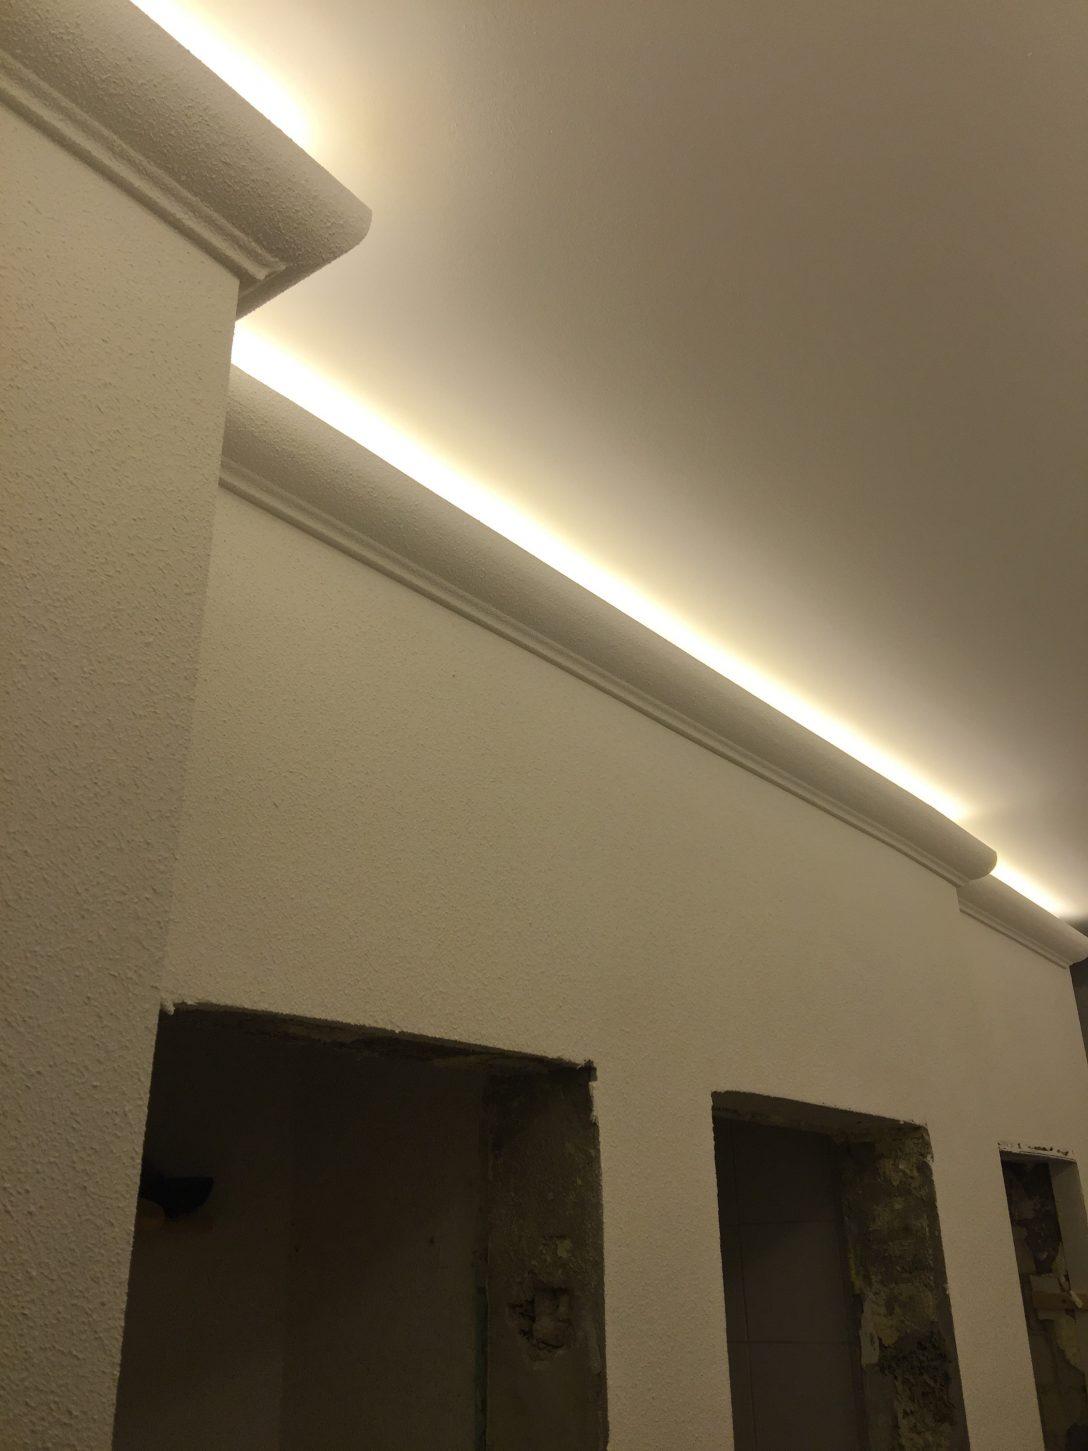 Large Size of Indirekte Beleuchtung Decke 2 Meter Led Profil Pu Stuckleiste Fr Badezimmer Deckenleuchte Im Bad Wohnzimmer Decken Spiegelschrank Mit Küche Deckenleuchten Wohnzimmer Indirekte Beleuchtung Decke